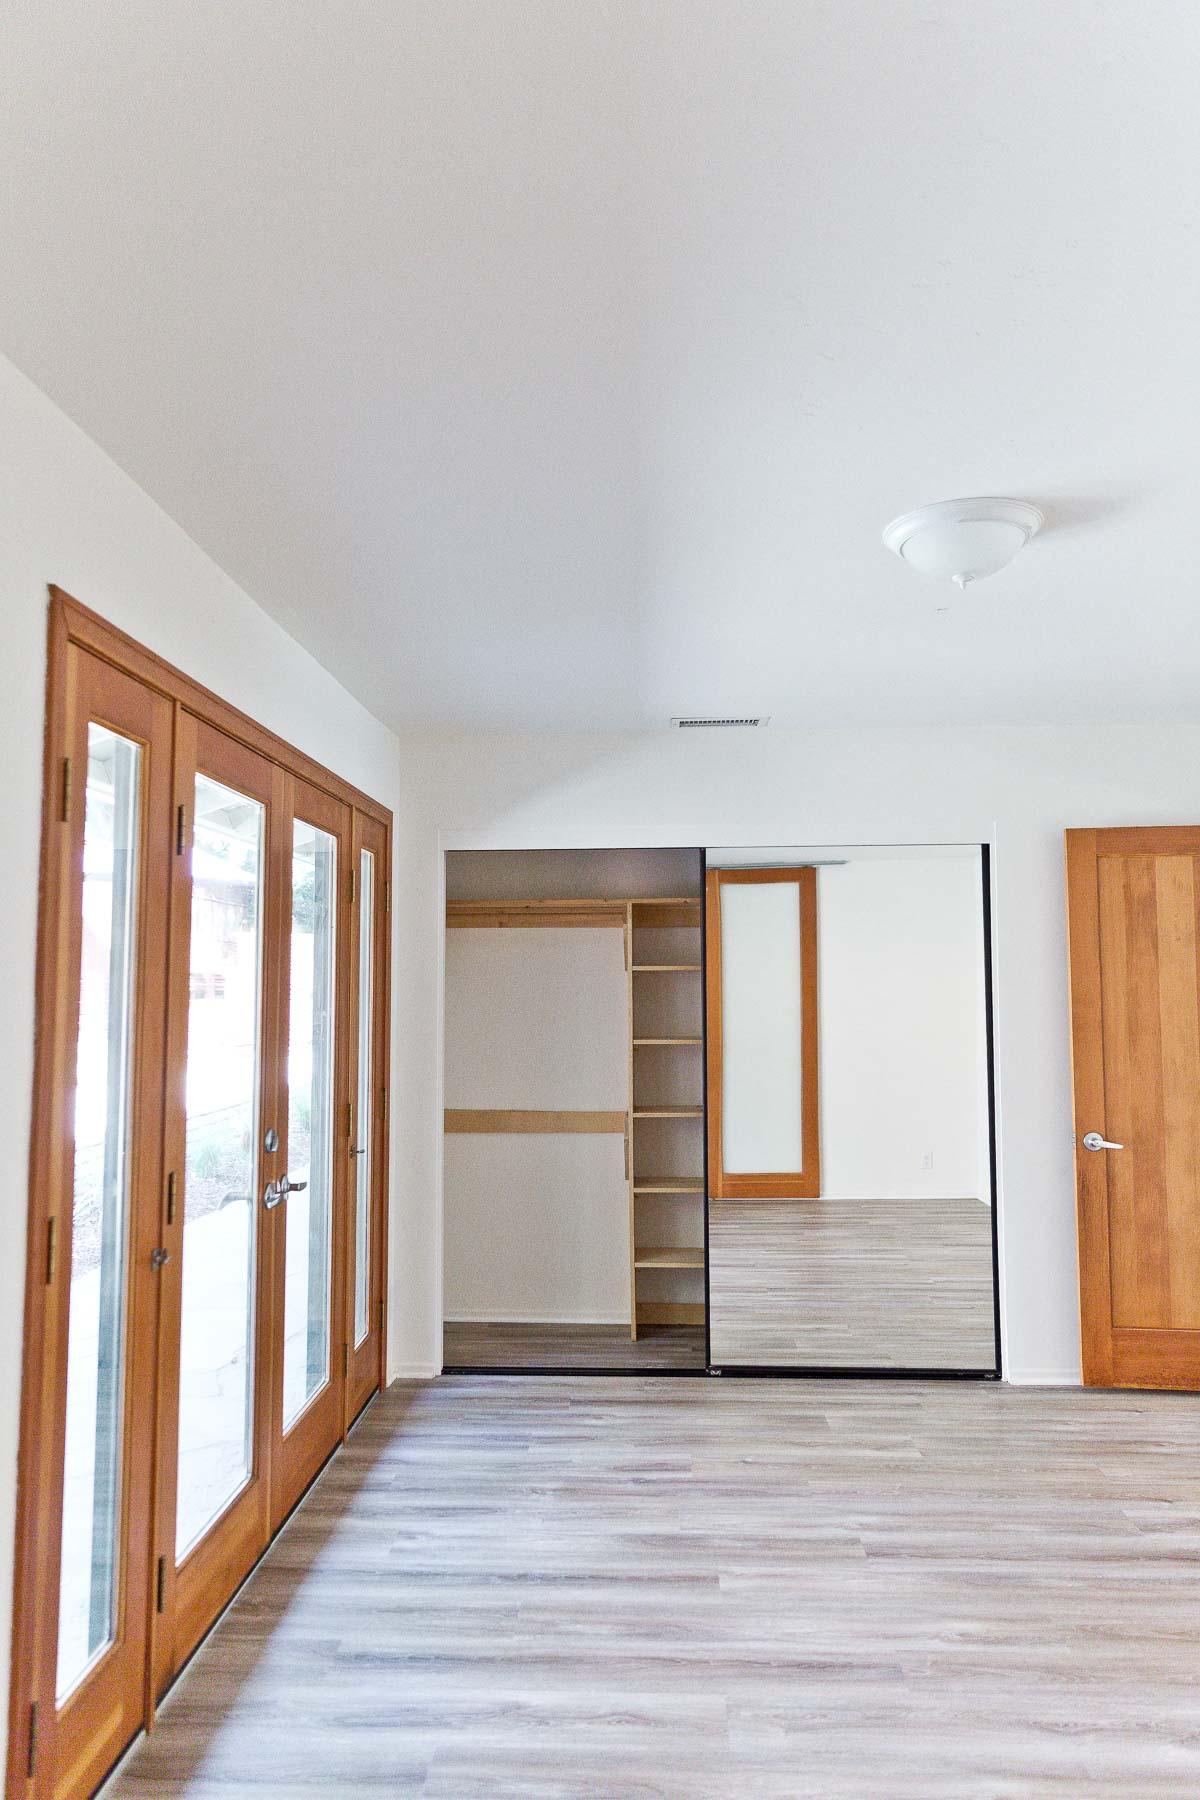 Photo of mirrored sliding doors in empty bedroom space.